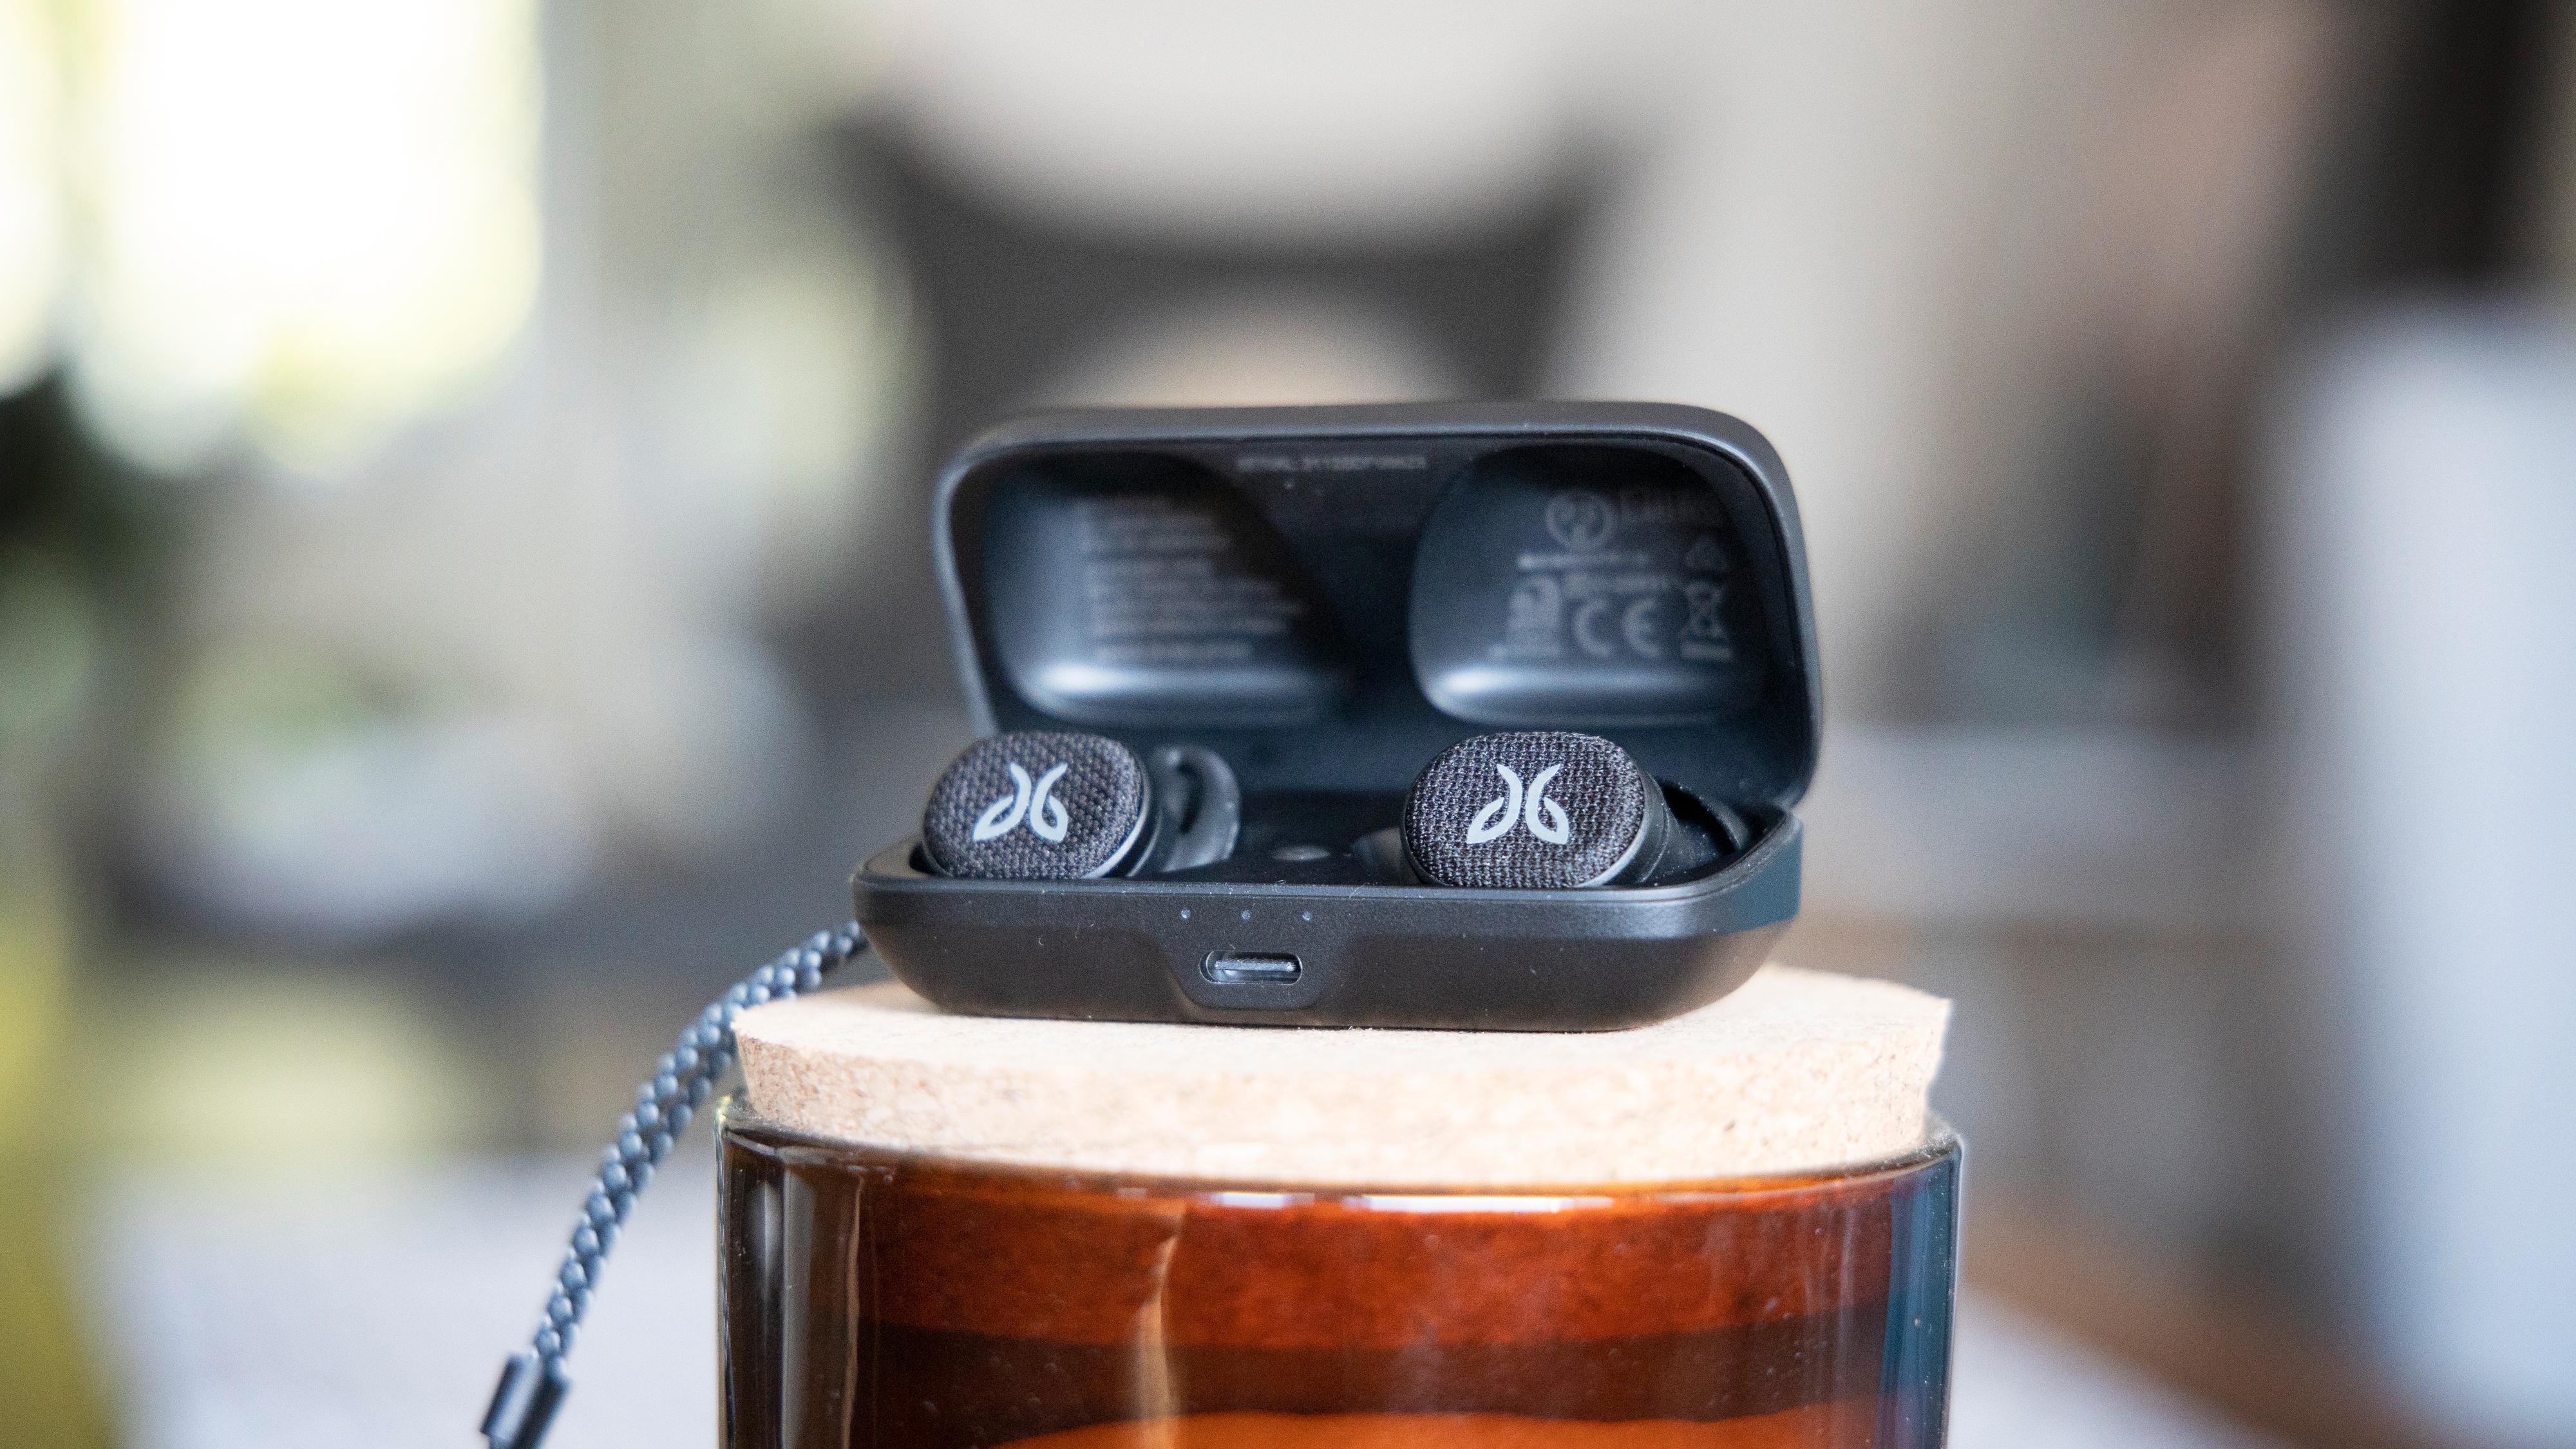 Jaybird har raffinert sine Vista-propper og lagt til aktiv støydemping, blant annet. Resultatet er solid.